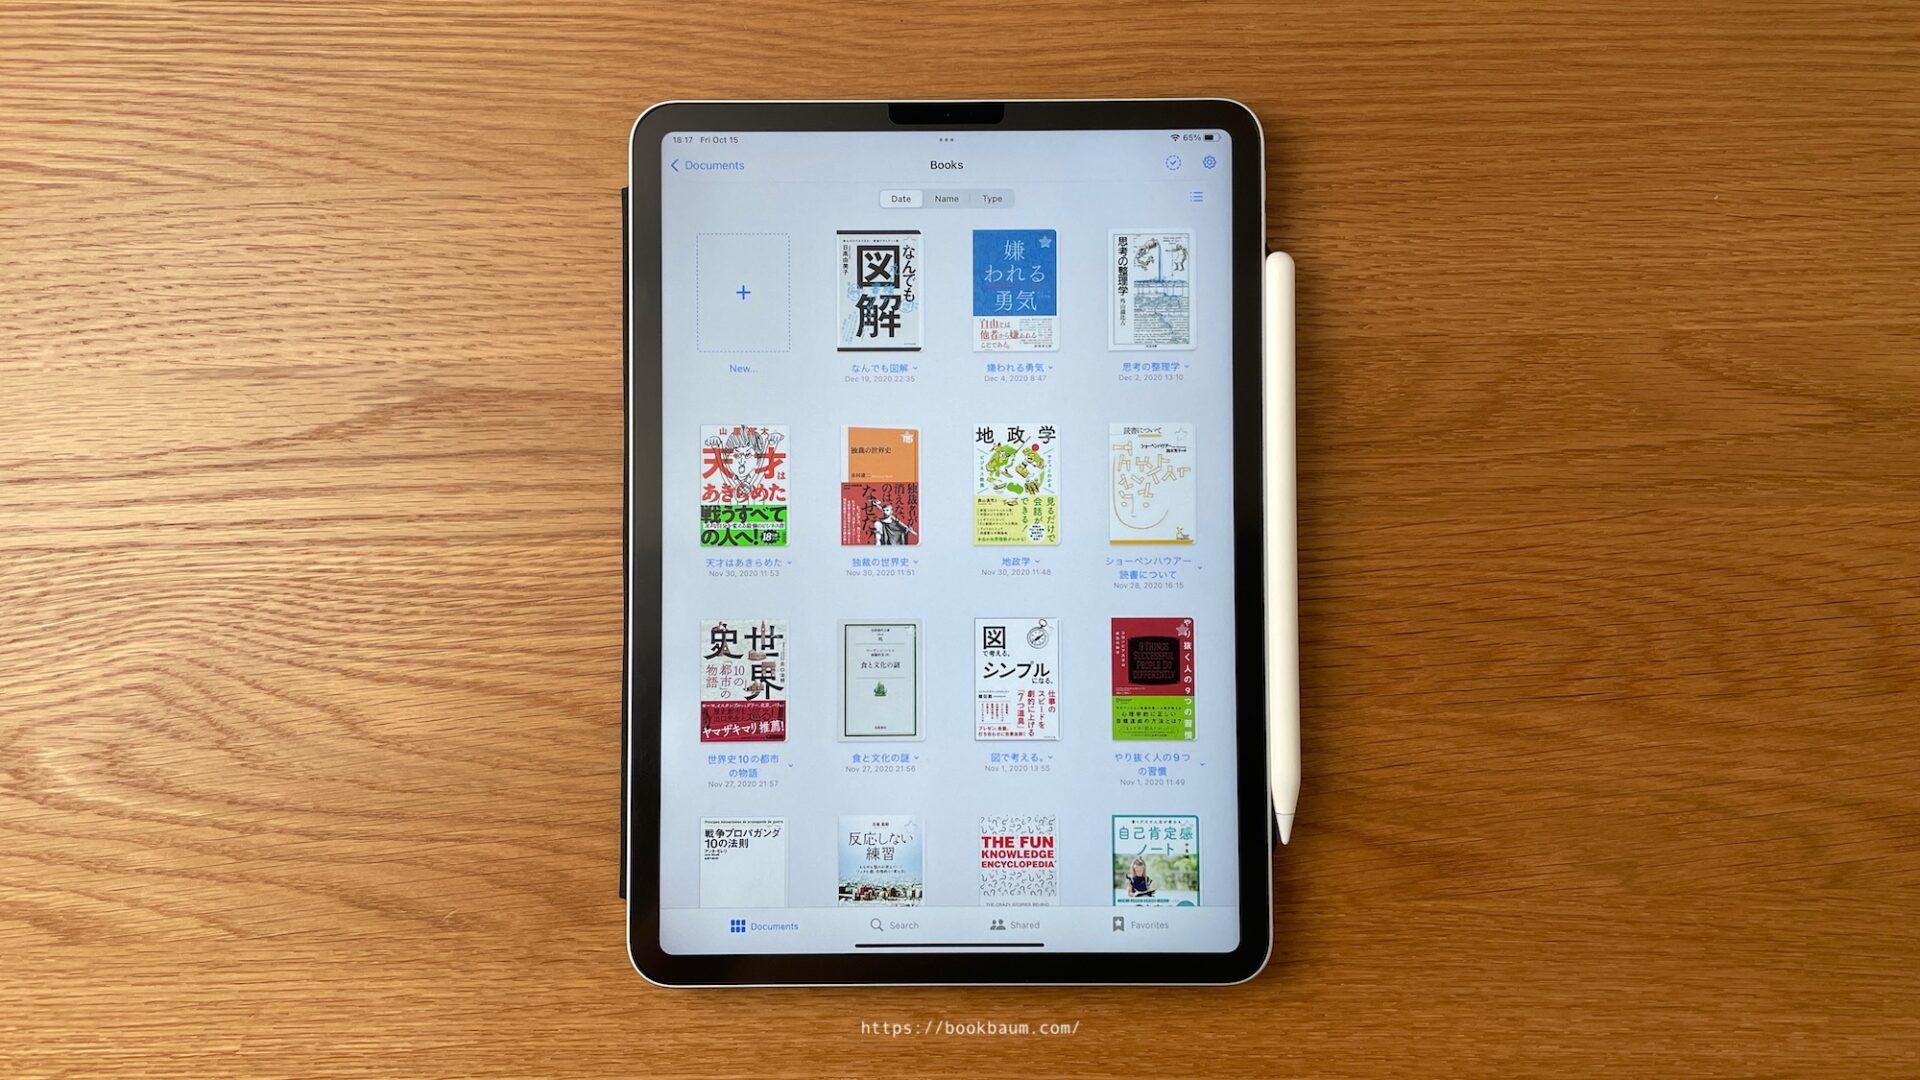 iPad Proを購入。Kindle + 読書ノートが最高に書きやすいので、もう手放せない